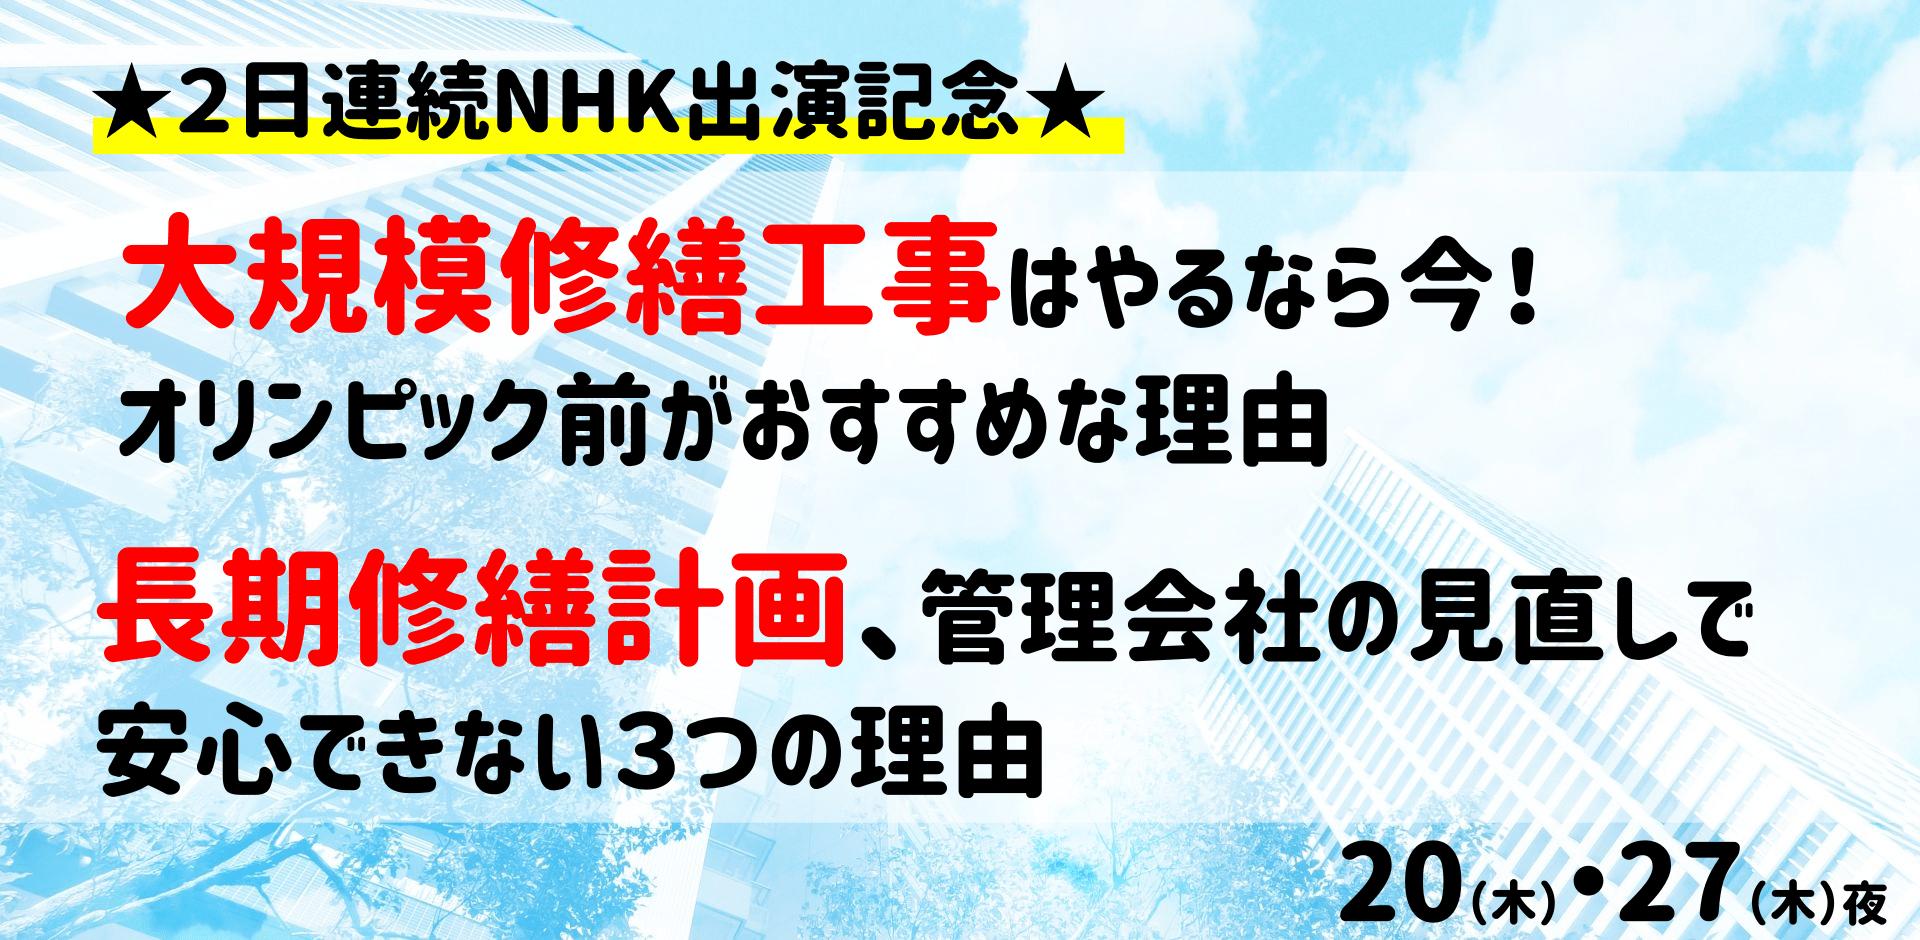 6/20・27(木)2週連続開催 大規模修繕工事&長期修繕計画セミナー